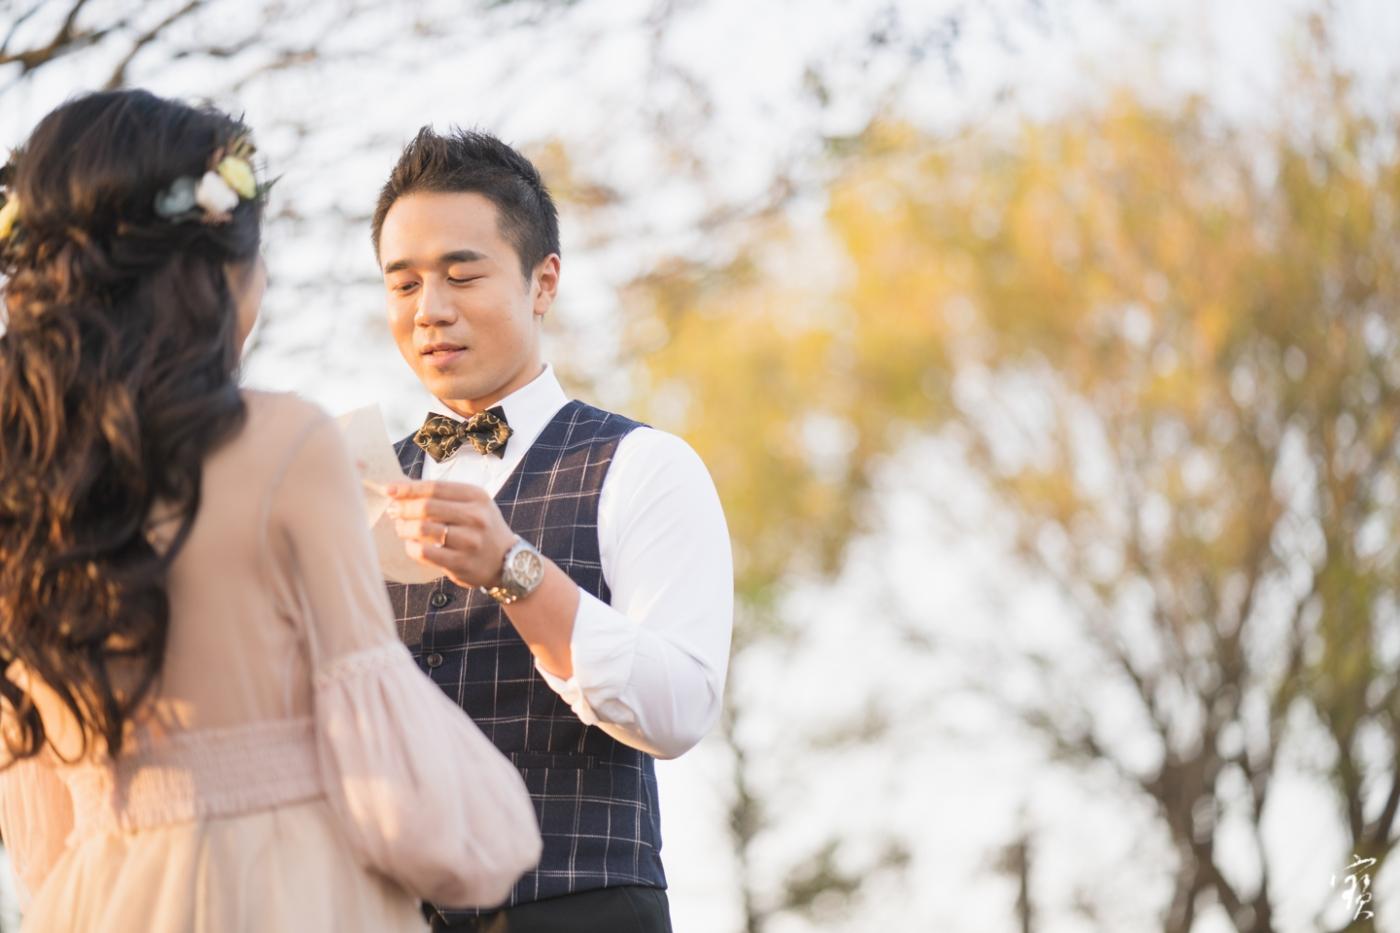 婚紗攝影 台中婚紗 台中都會公園 踏踏攝影棚 冬伴影像 攝影師大寶 北部攝影 新竹攝影 自主婚紗 自助婚紗_DB_4585